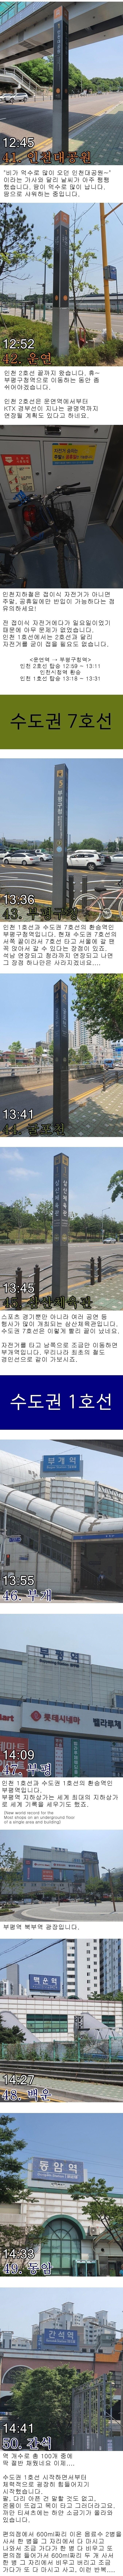 viewimage.php?id=20b2de29f7d331aa&no=24b0d769e1d32ca73cec86fa11d0283110260b998d7cfa8997b92765228f1b784ec1085bbb871430cf0b667c41c6b3d92e59db23a866ec53afb50060befa1eee6d051dee